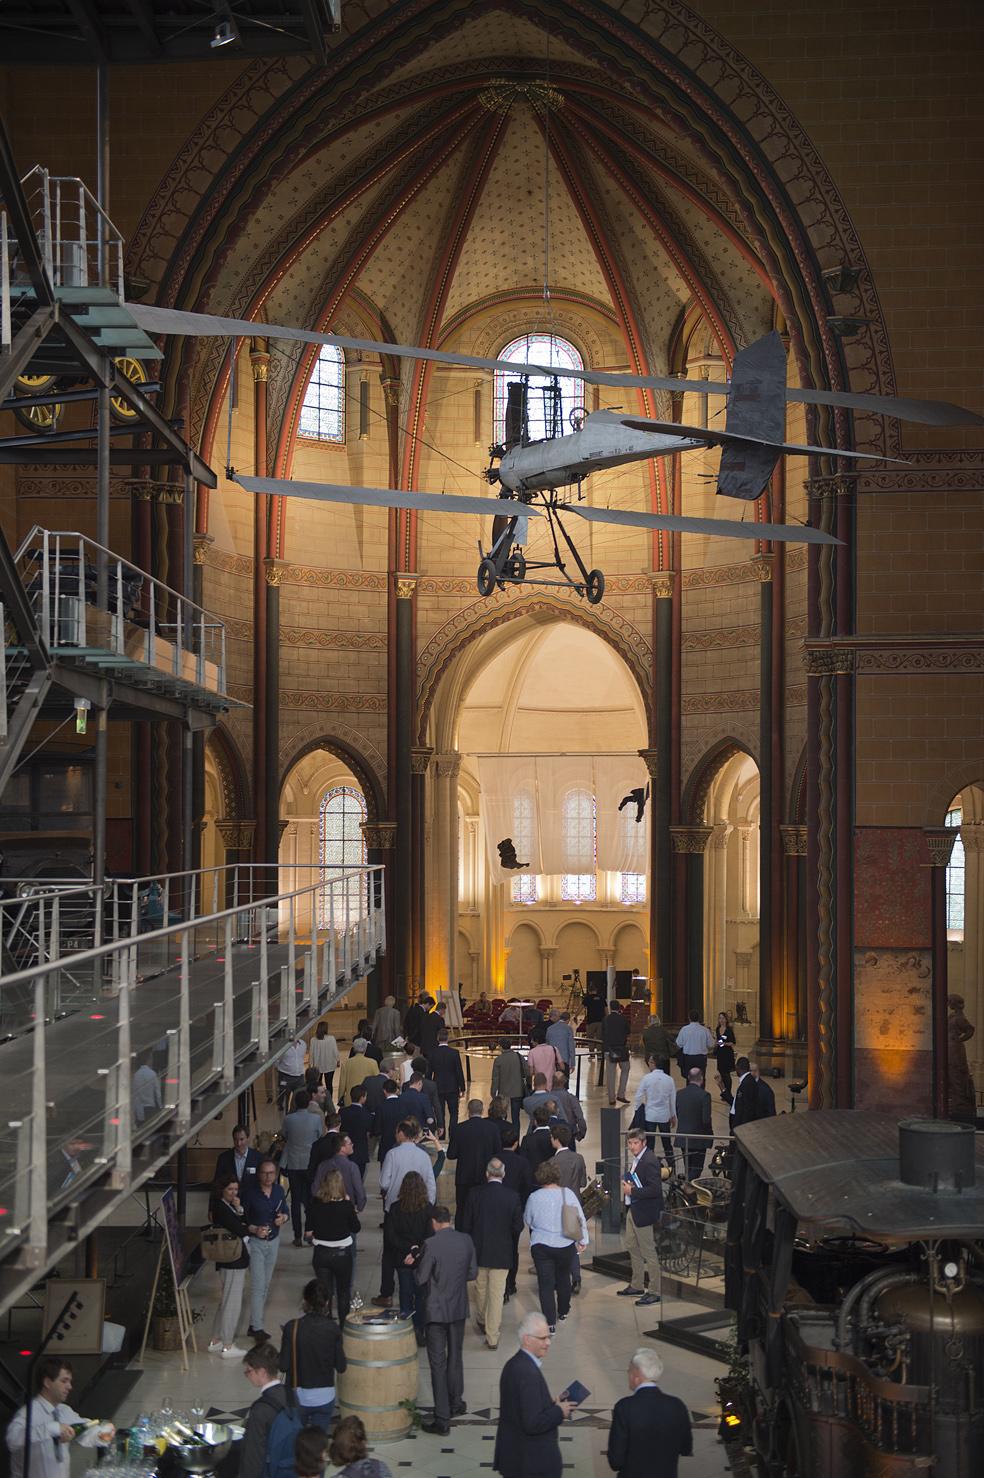 FOIRE AUX VINS LIDL FRANCE MUSEE DES ARTS ET METIERS PARIS